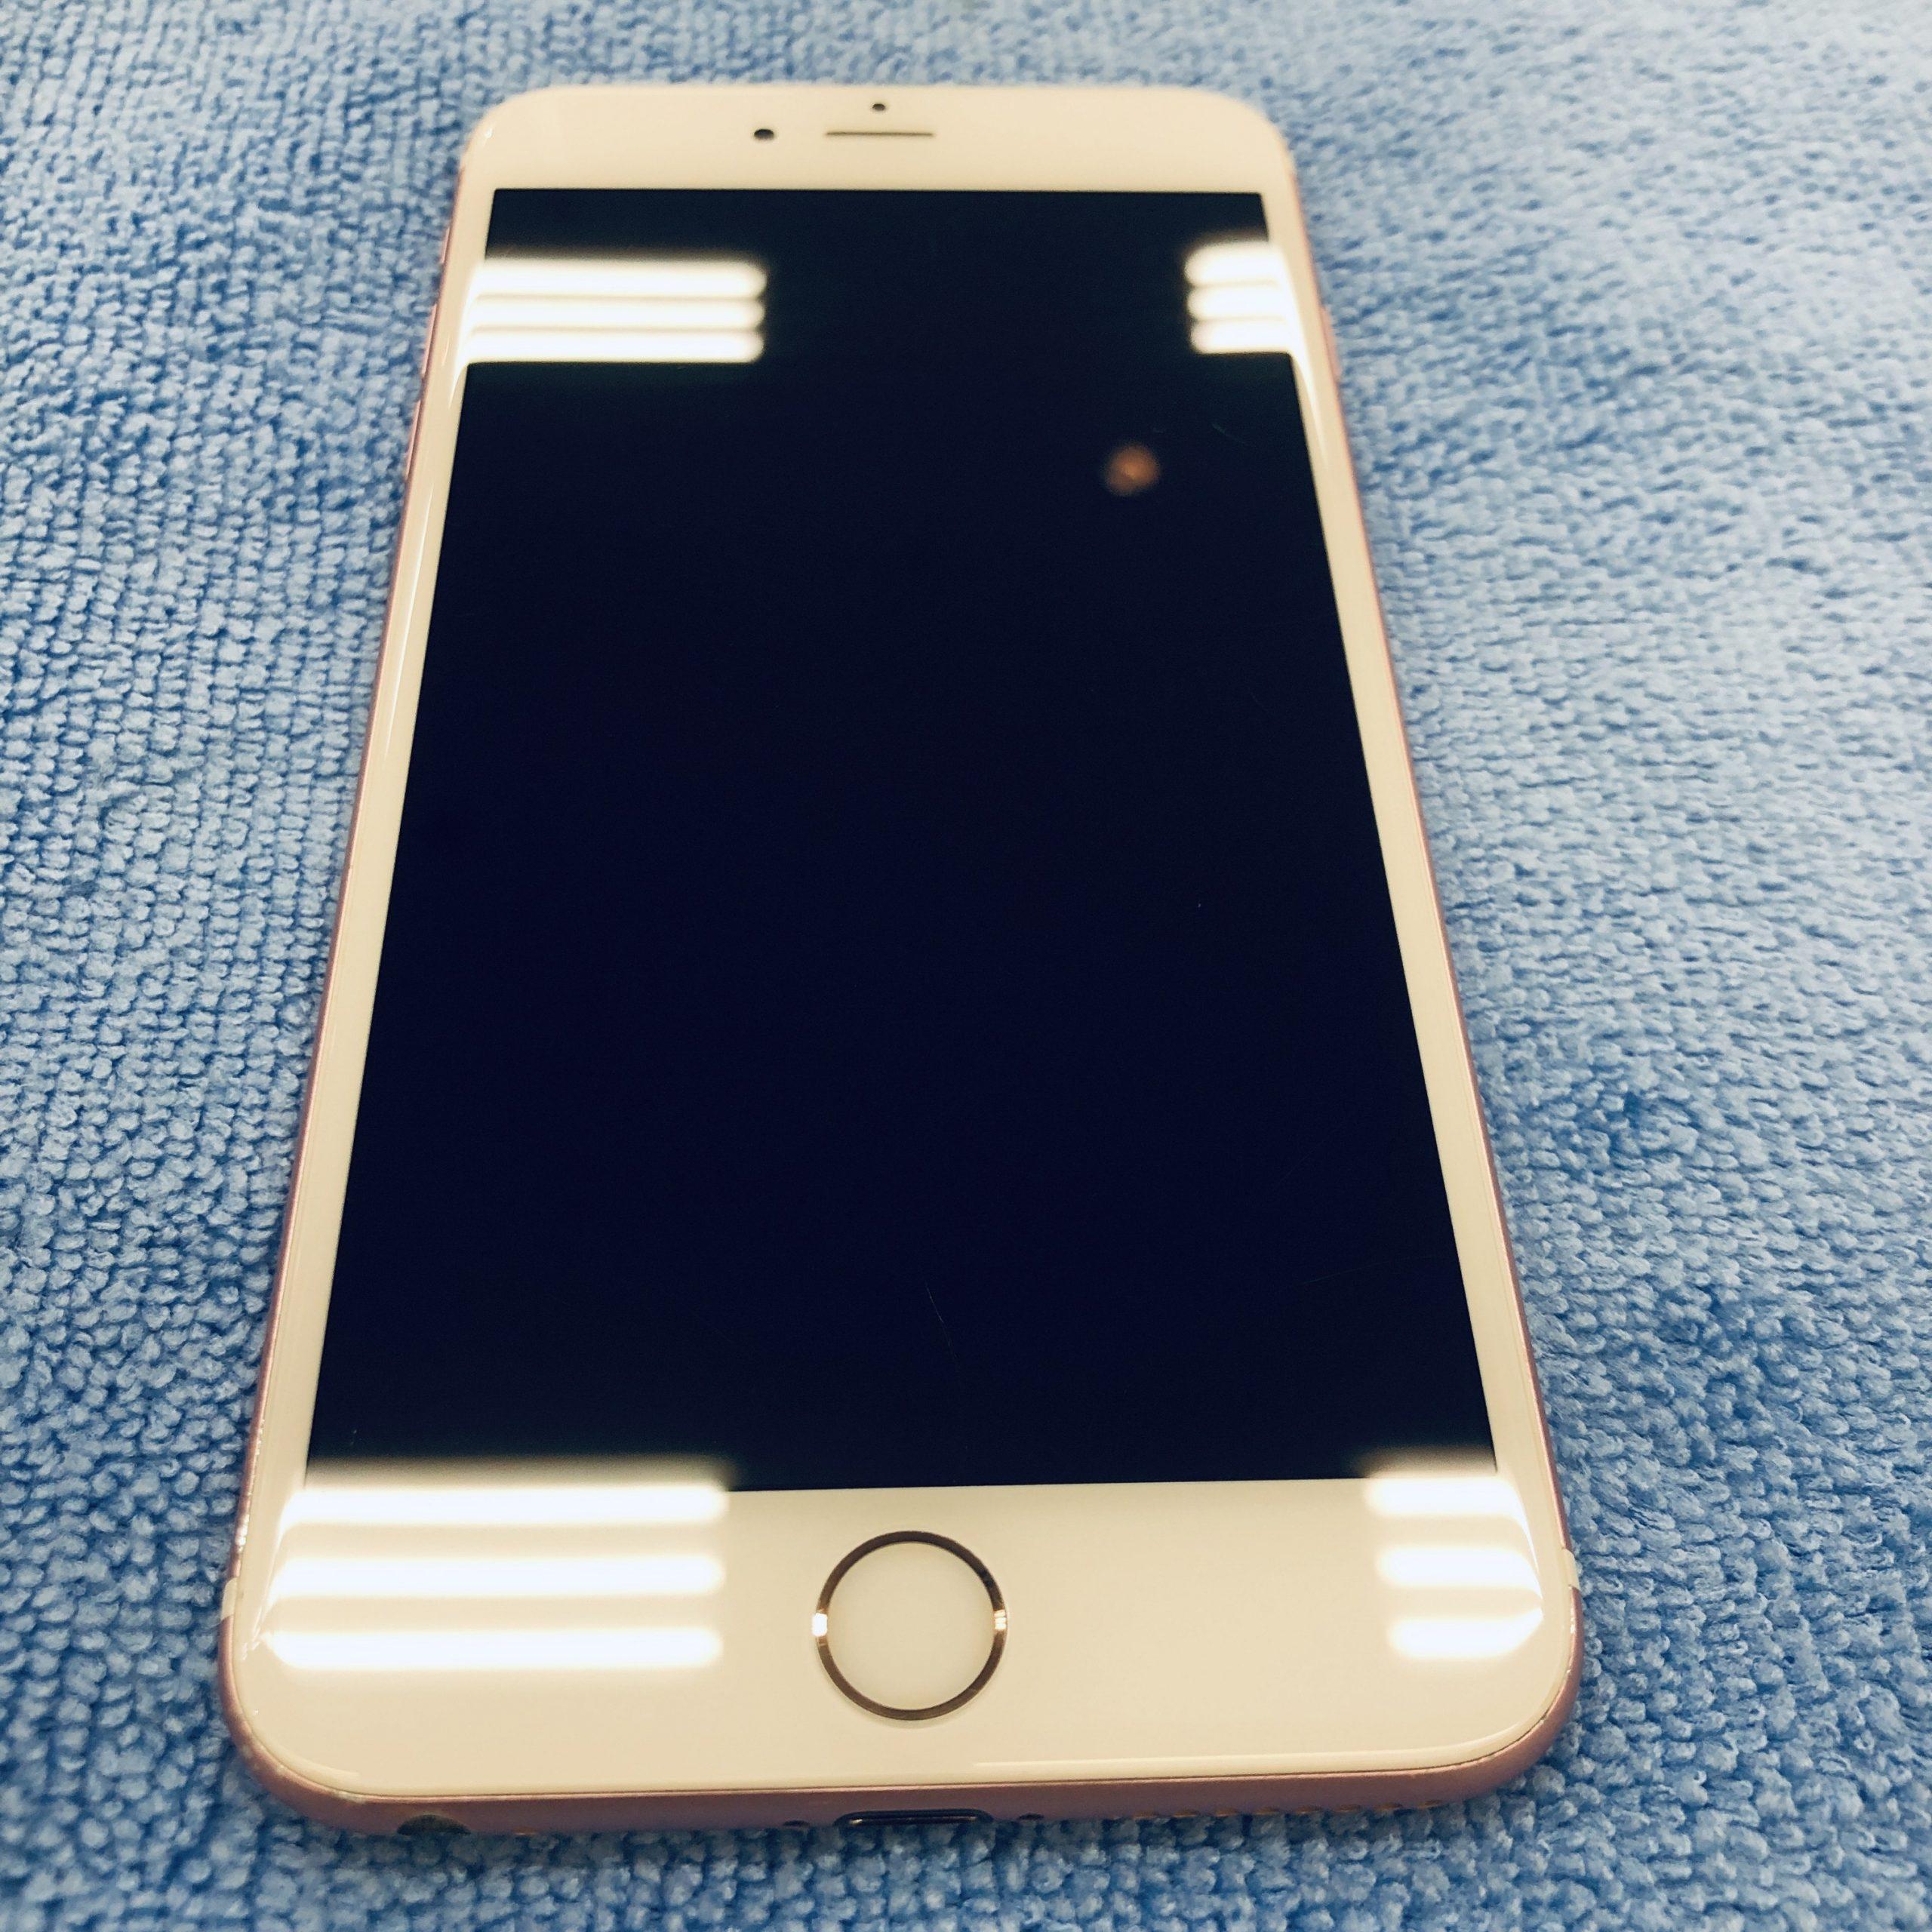 【 iPhone 6s+ 】鳥栖市よりガラスコーティングの施工にお越し頂きました